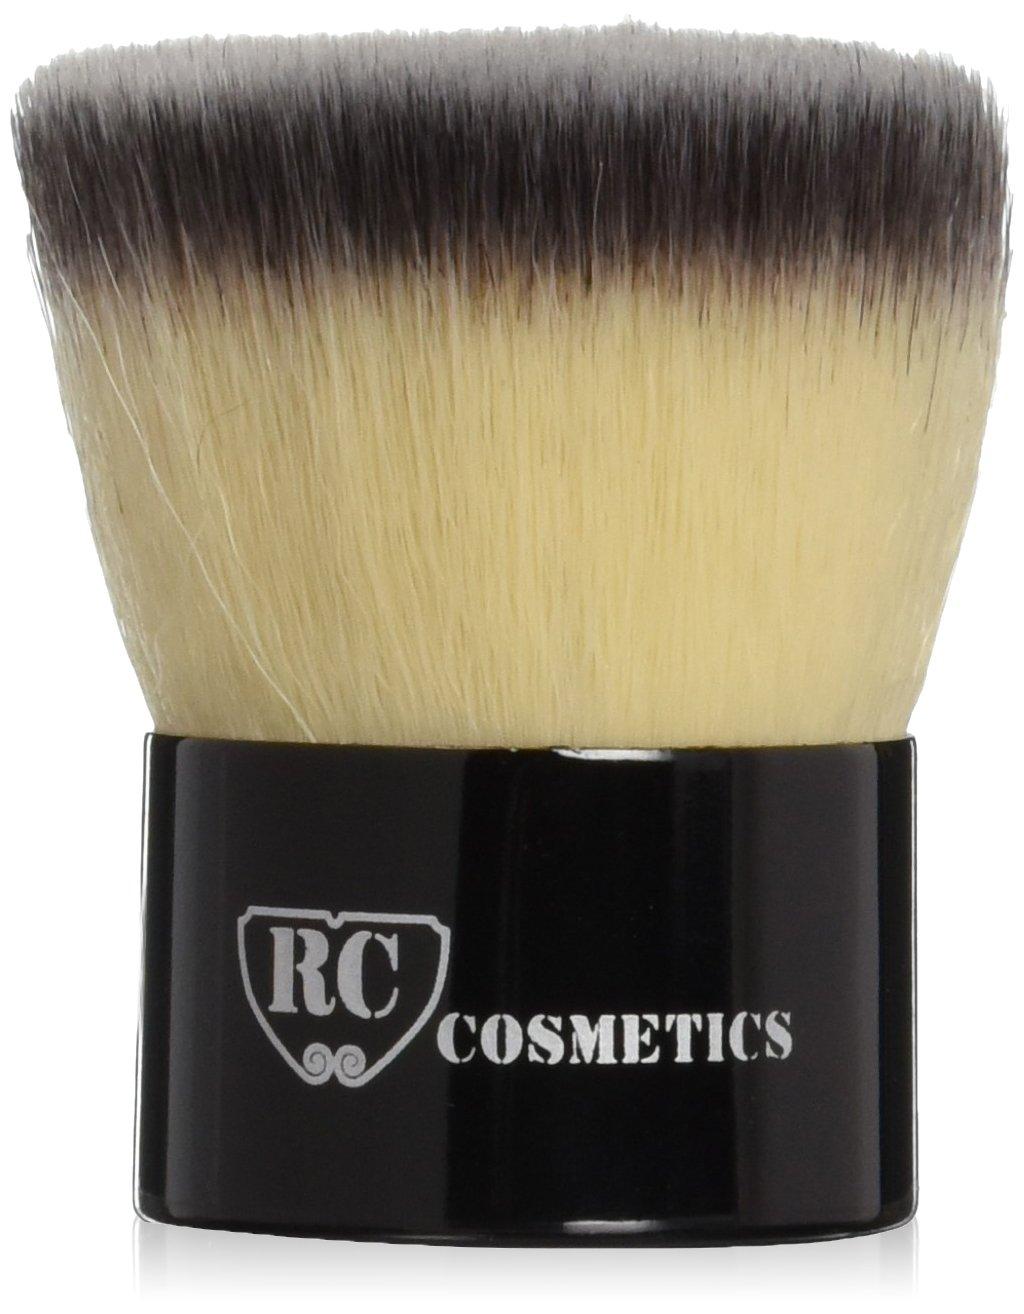 Royal Care Cosmetics Glam Pro Flat Top Kabuki Brush, Big RCkbb